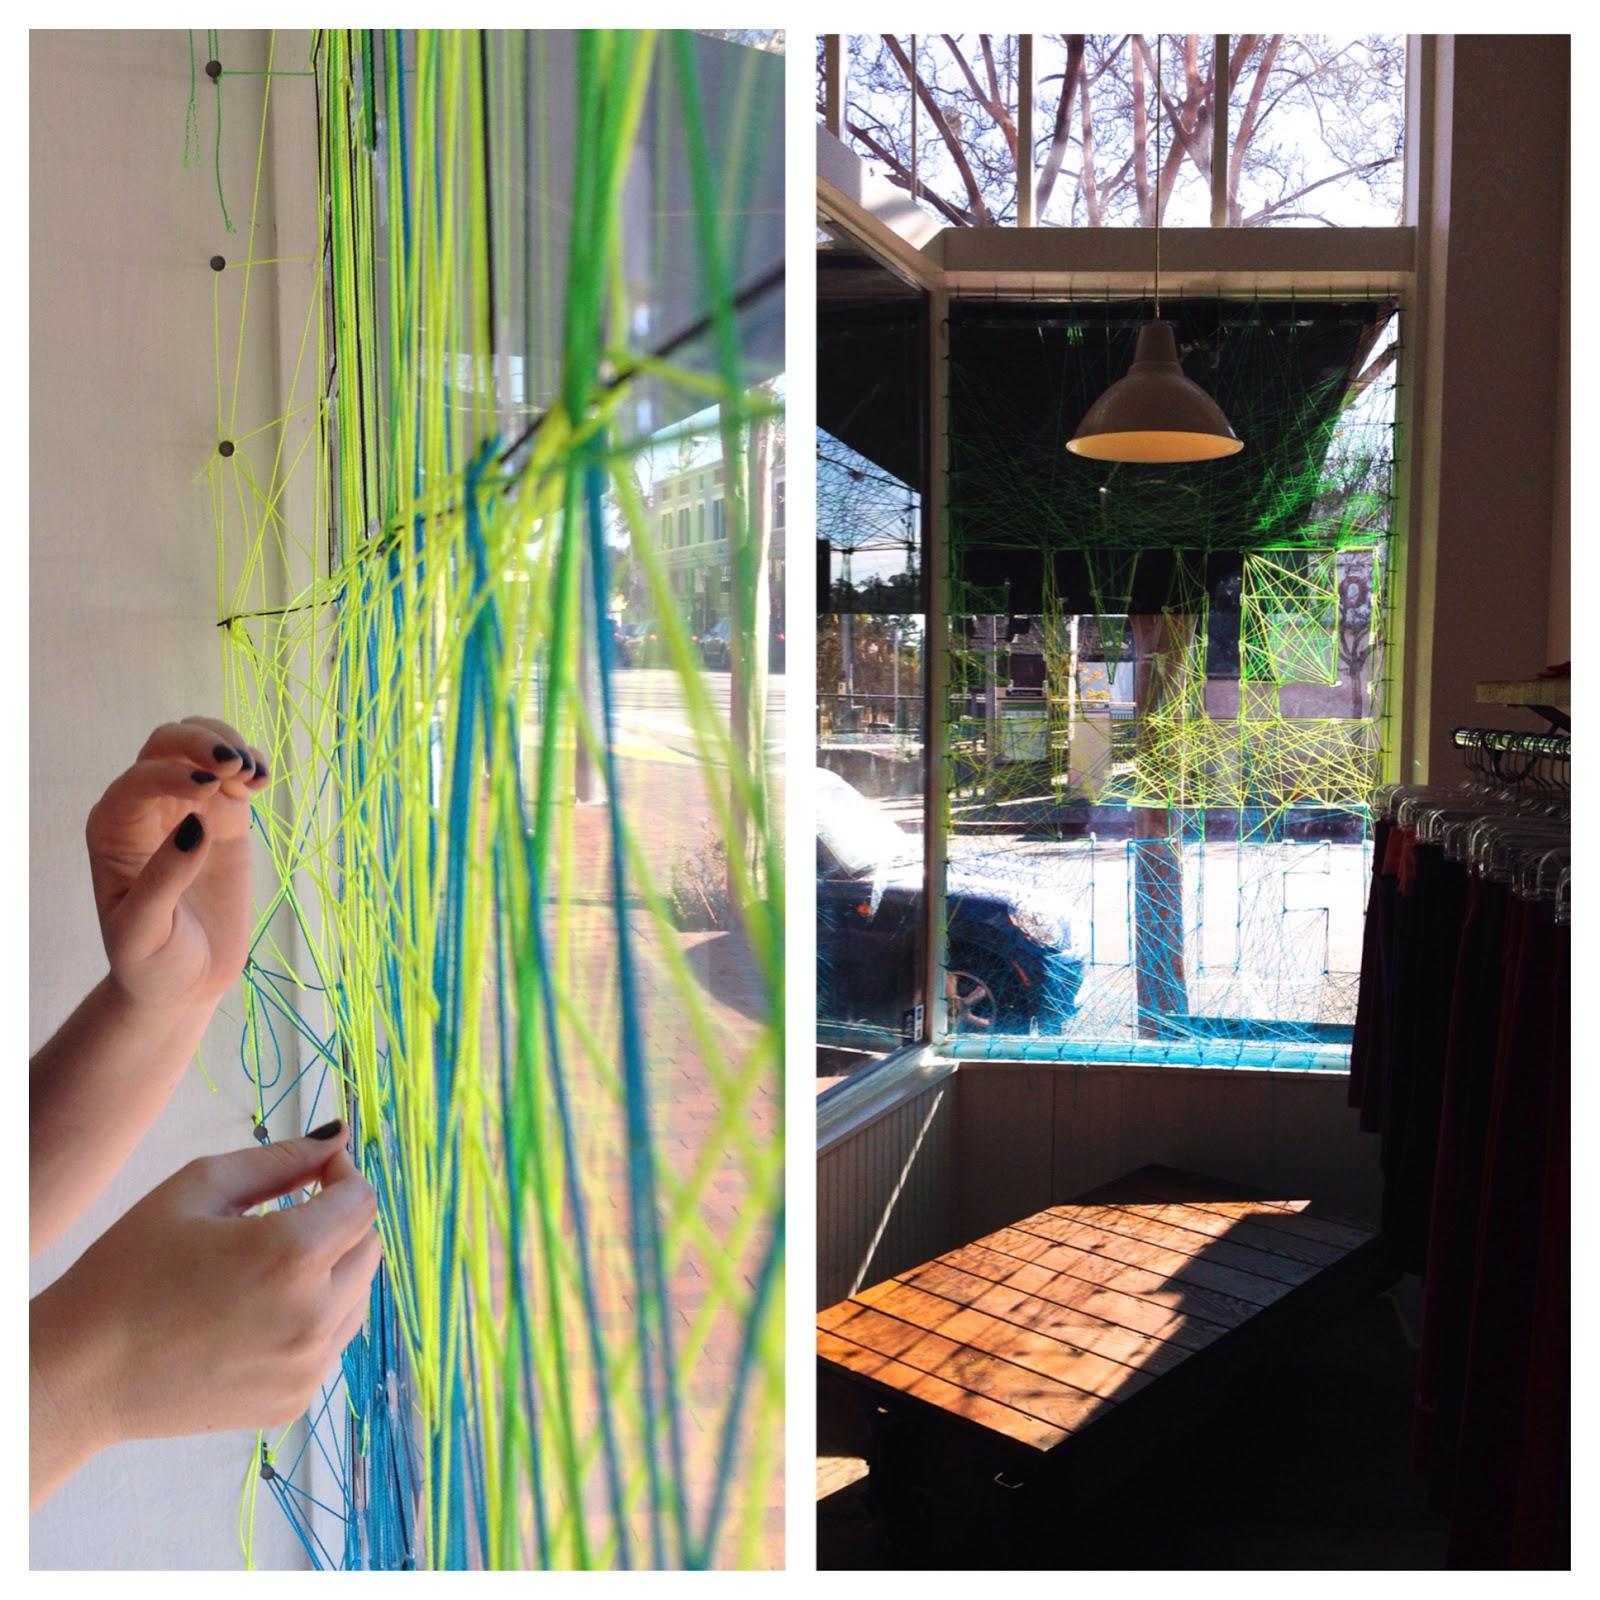 http://www.wodgearclothing.com/ string art window display with www.greenbugmarketplace.esty.com